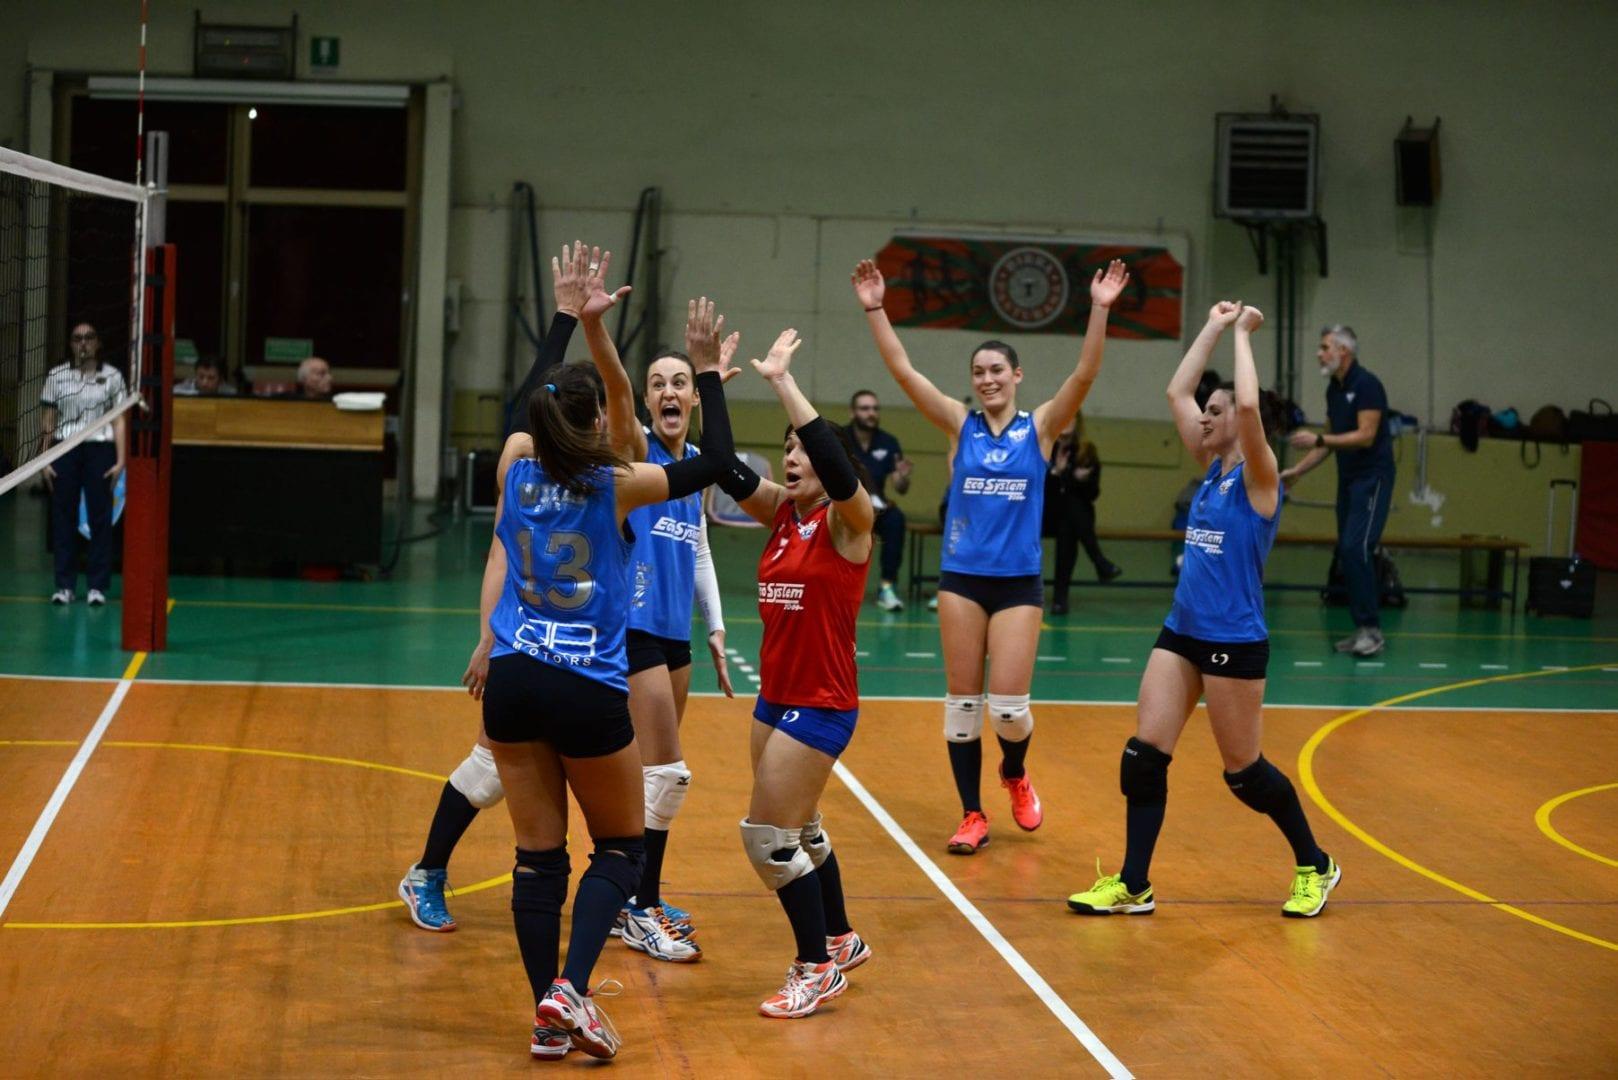 codice promozionale 1ce7e a3c9a Novi Pallavolo: la squadra delle ragazze ...